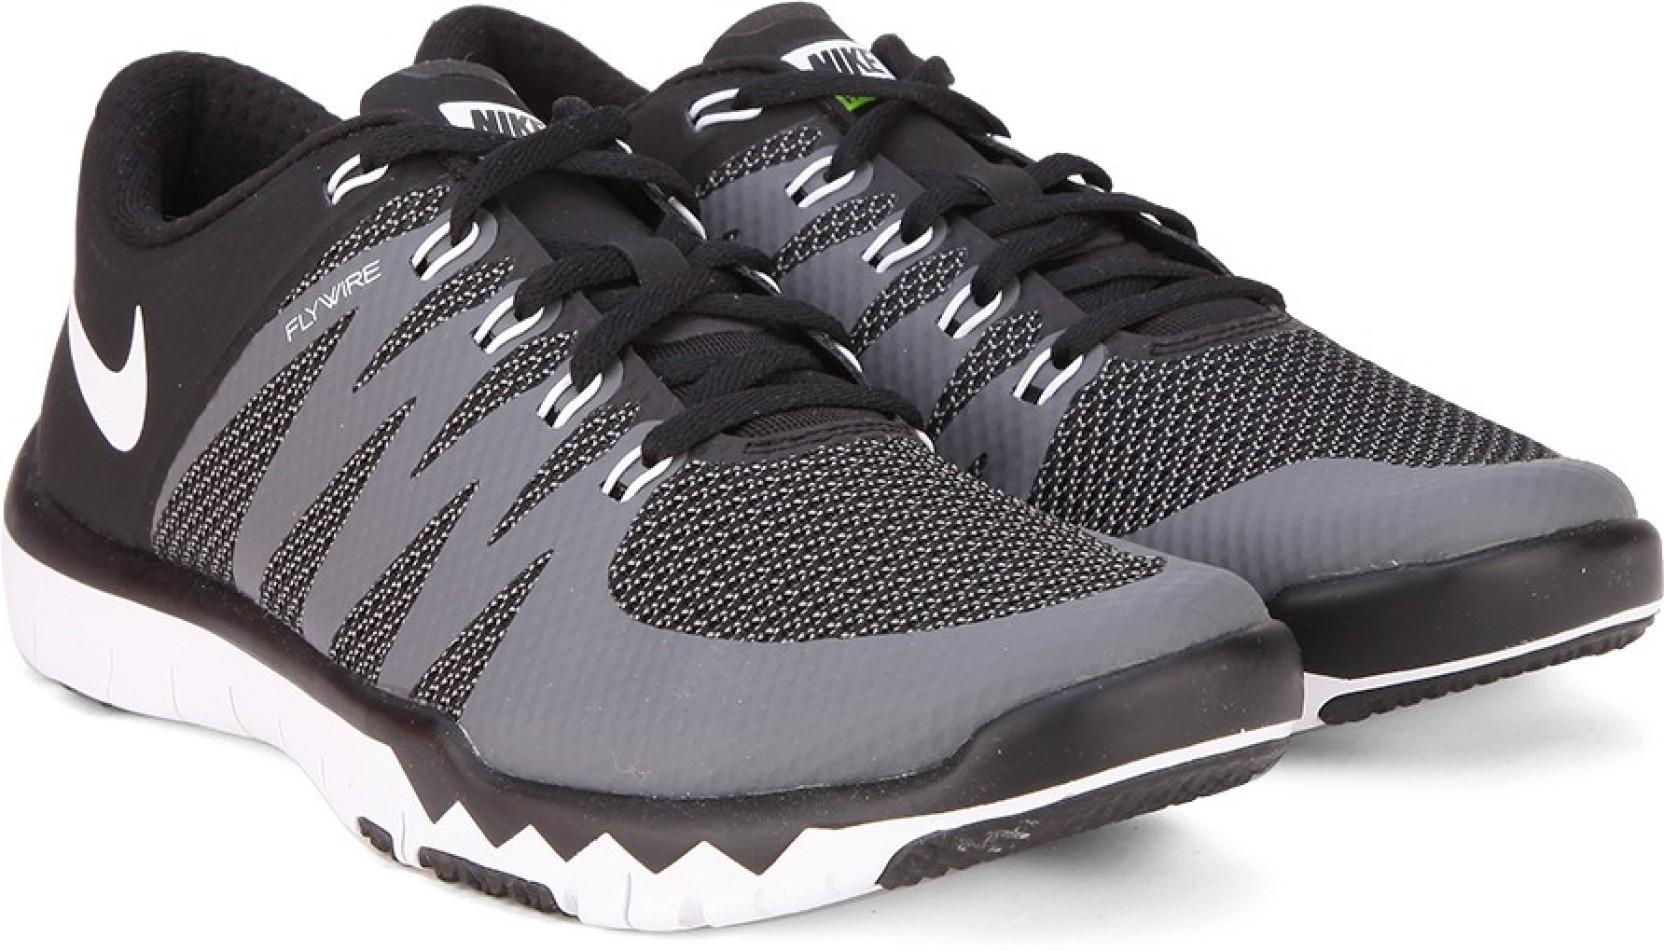 Nike FREE TRAINER 5.0 V6 Training Shoes For Men - Buy BLACK WHITE ... 3178af630